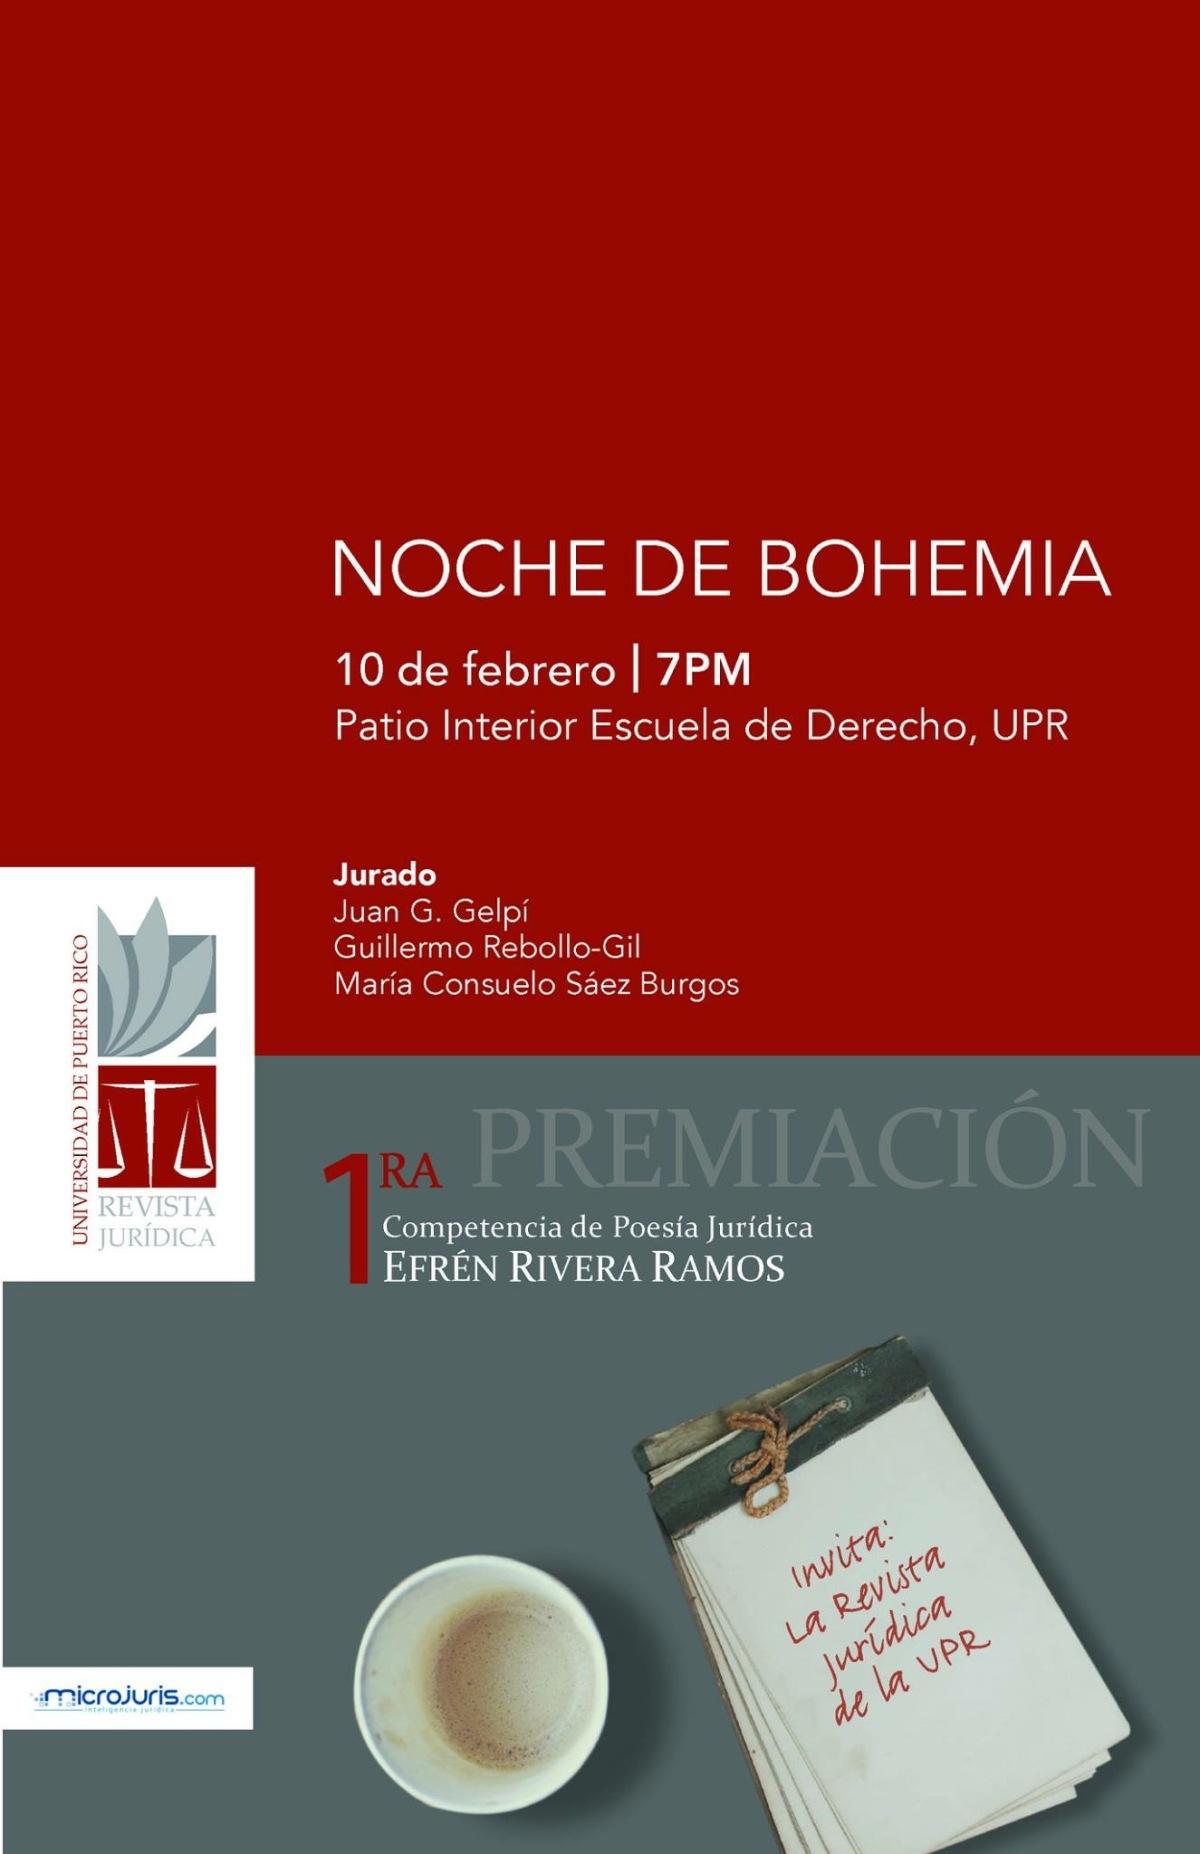 Noche de bohemia: Premiación de la Competencia de Poesía Jurídica Efrén Rivera Ramos